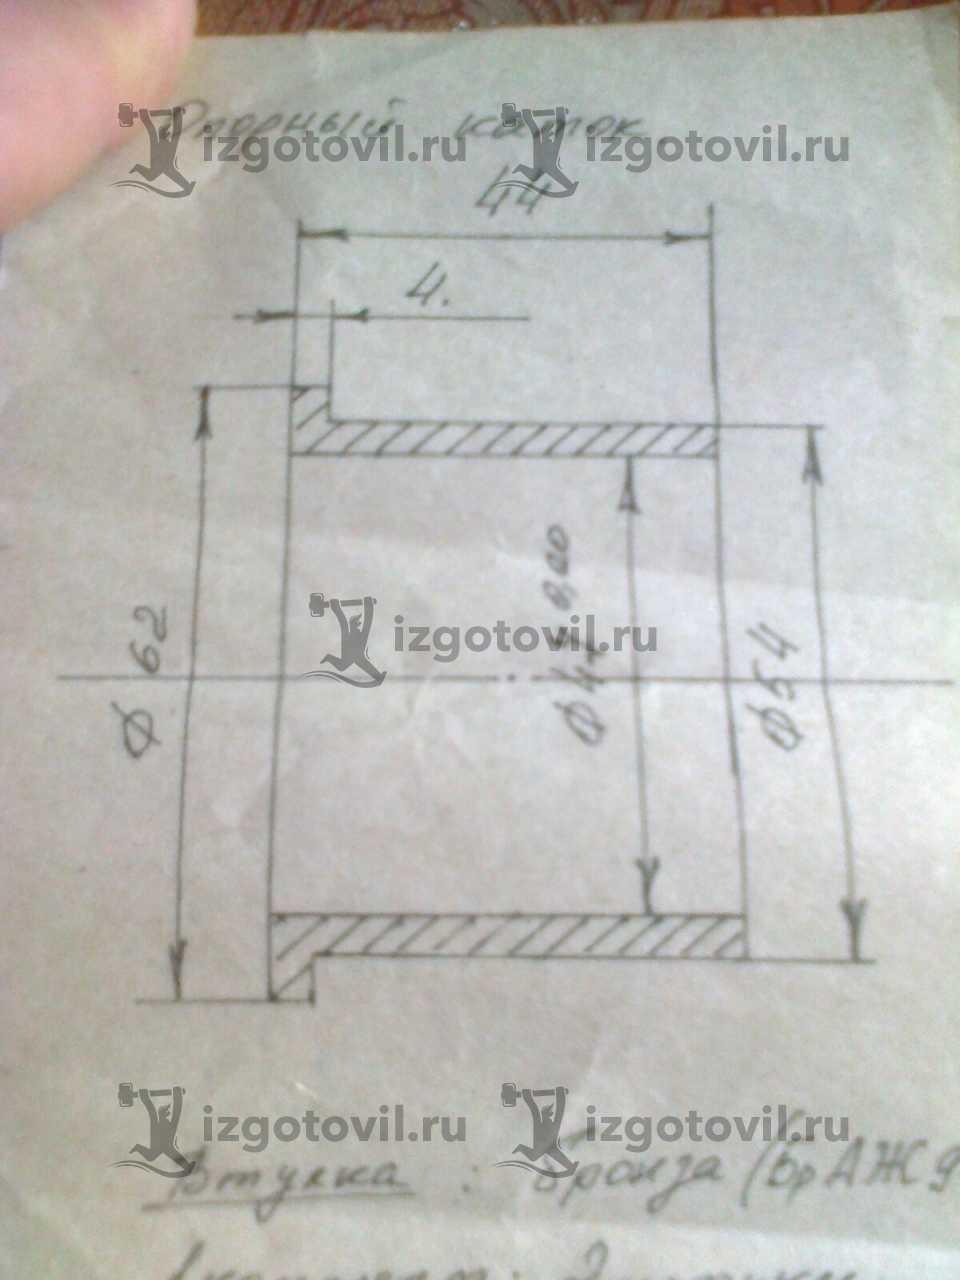 Токарная обработка металла - изготовить катушку